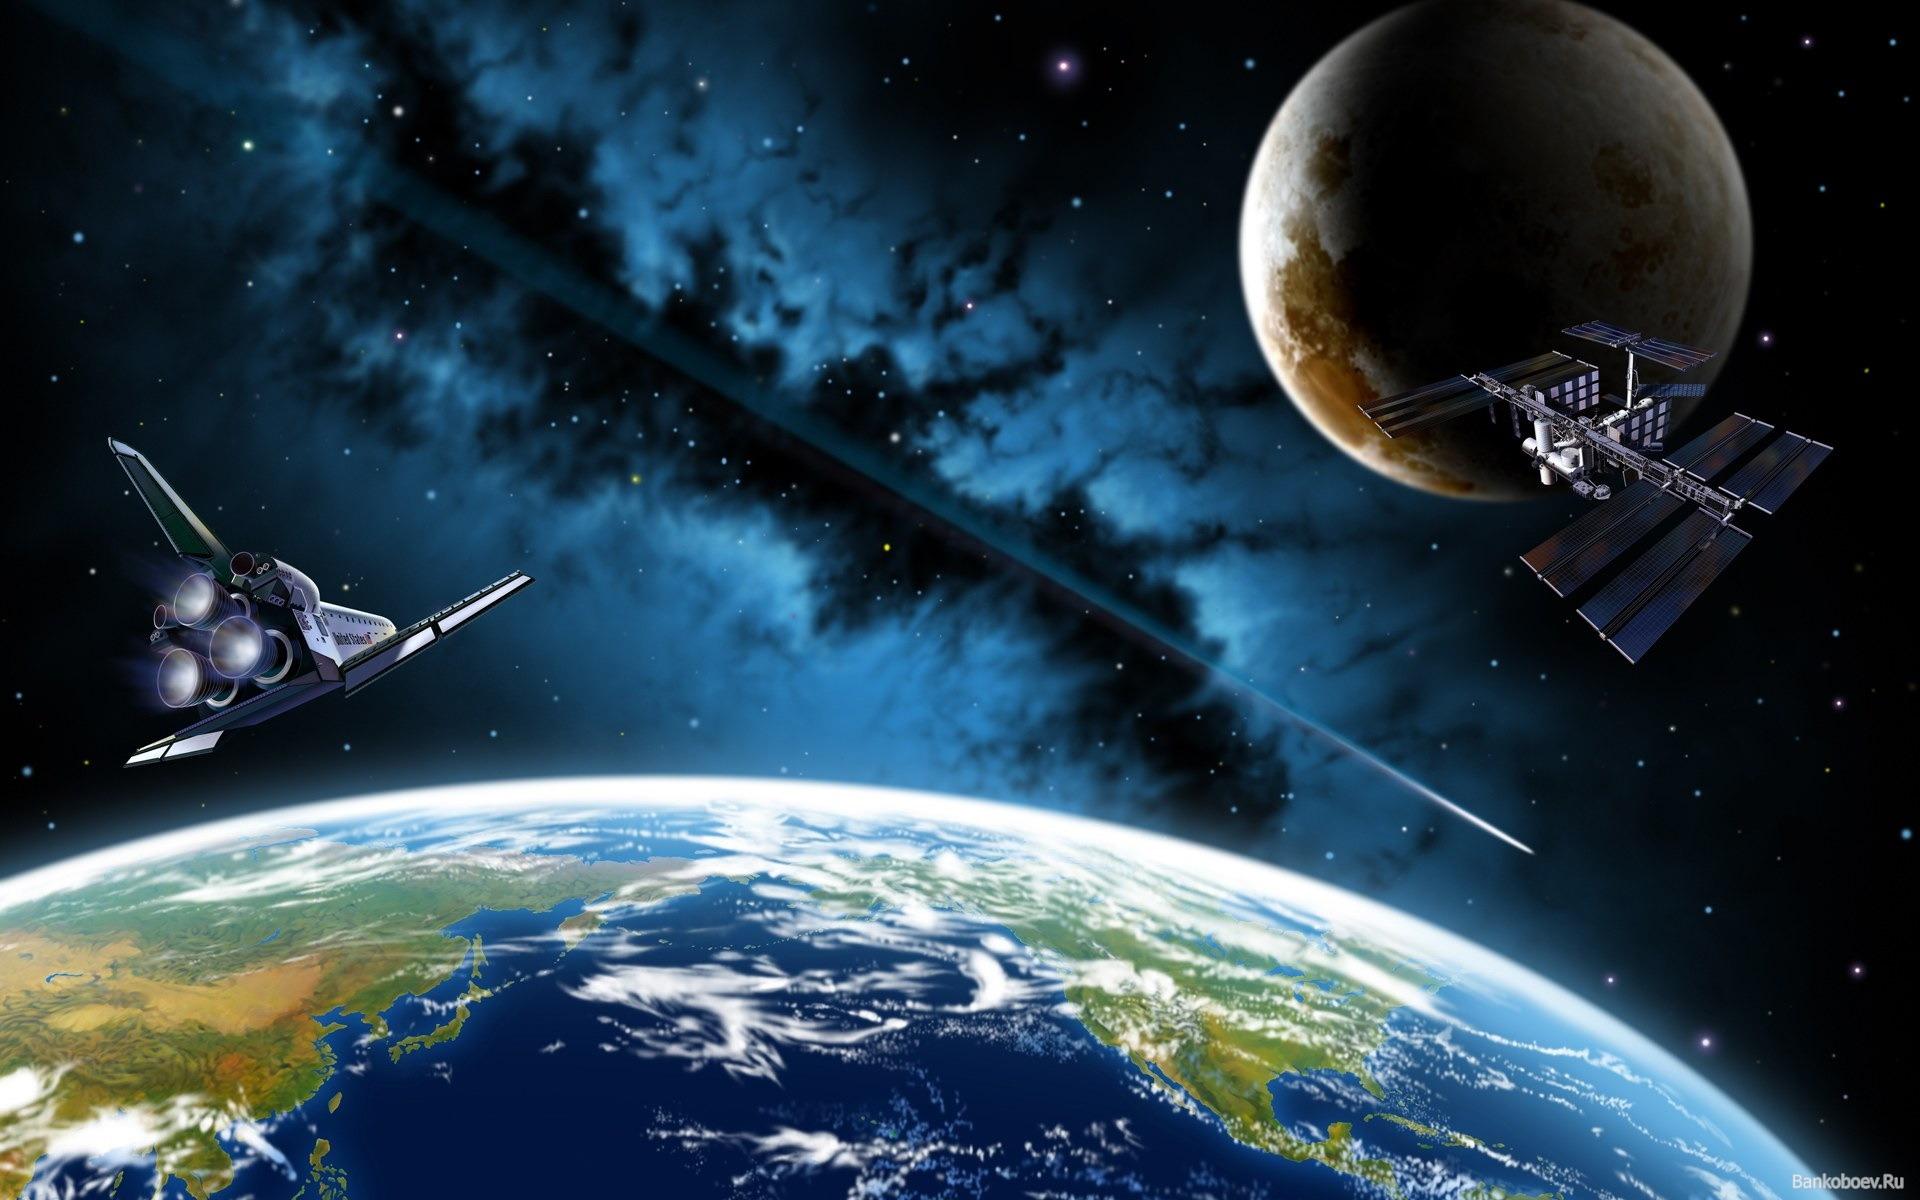 Обои Планеты и спутники над землей картинки на рабочий стол на тему Космос - скачать без смс